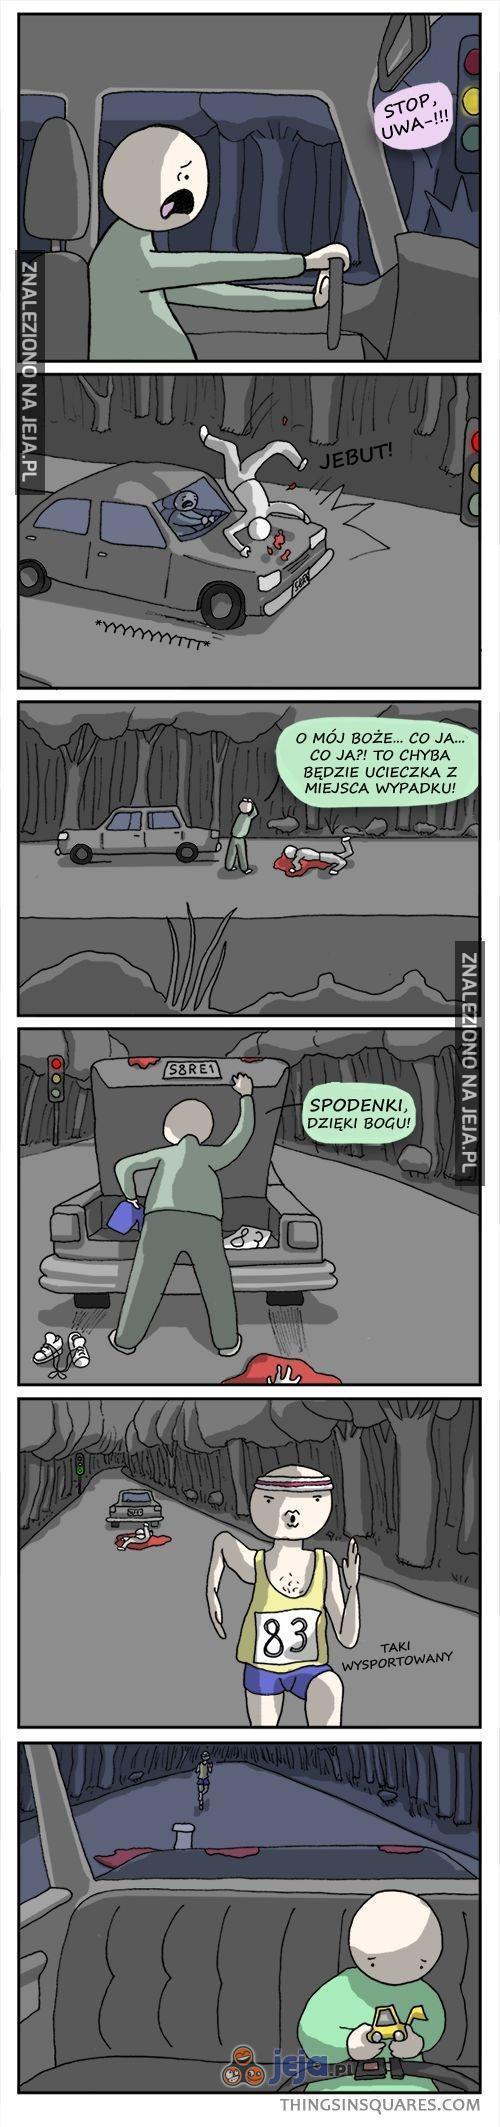 Ucieczka z miejsca wypadku